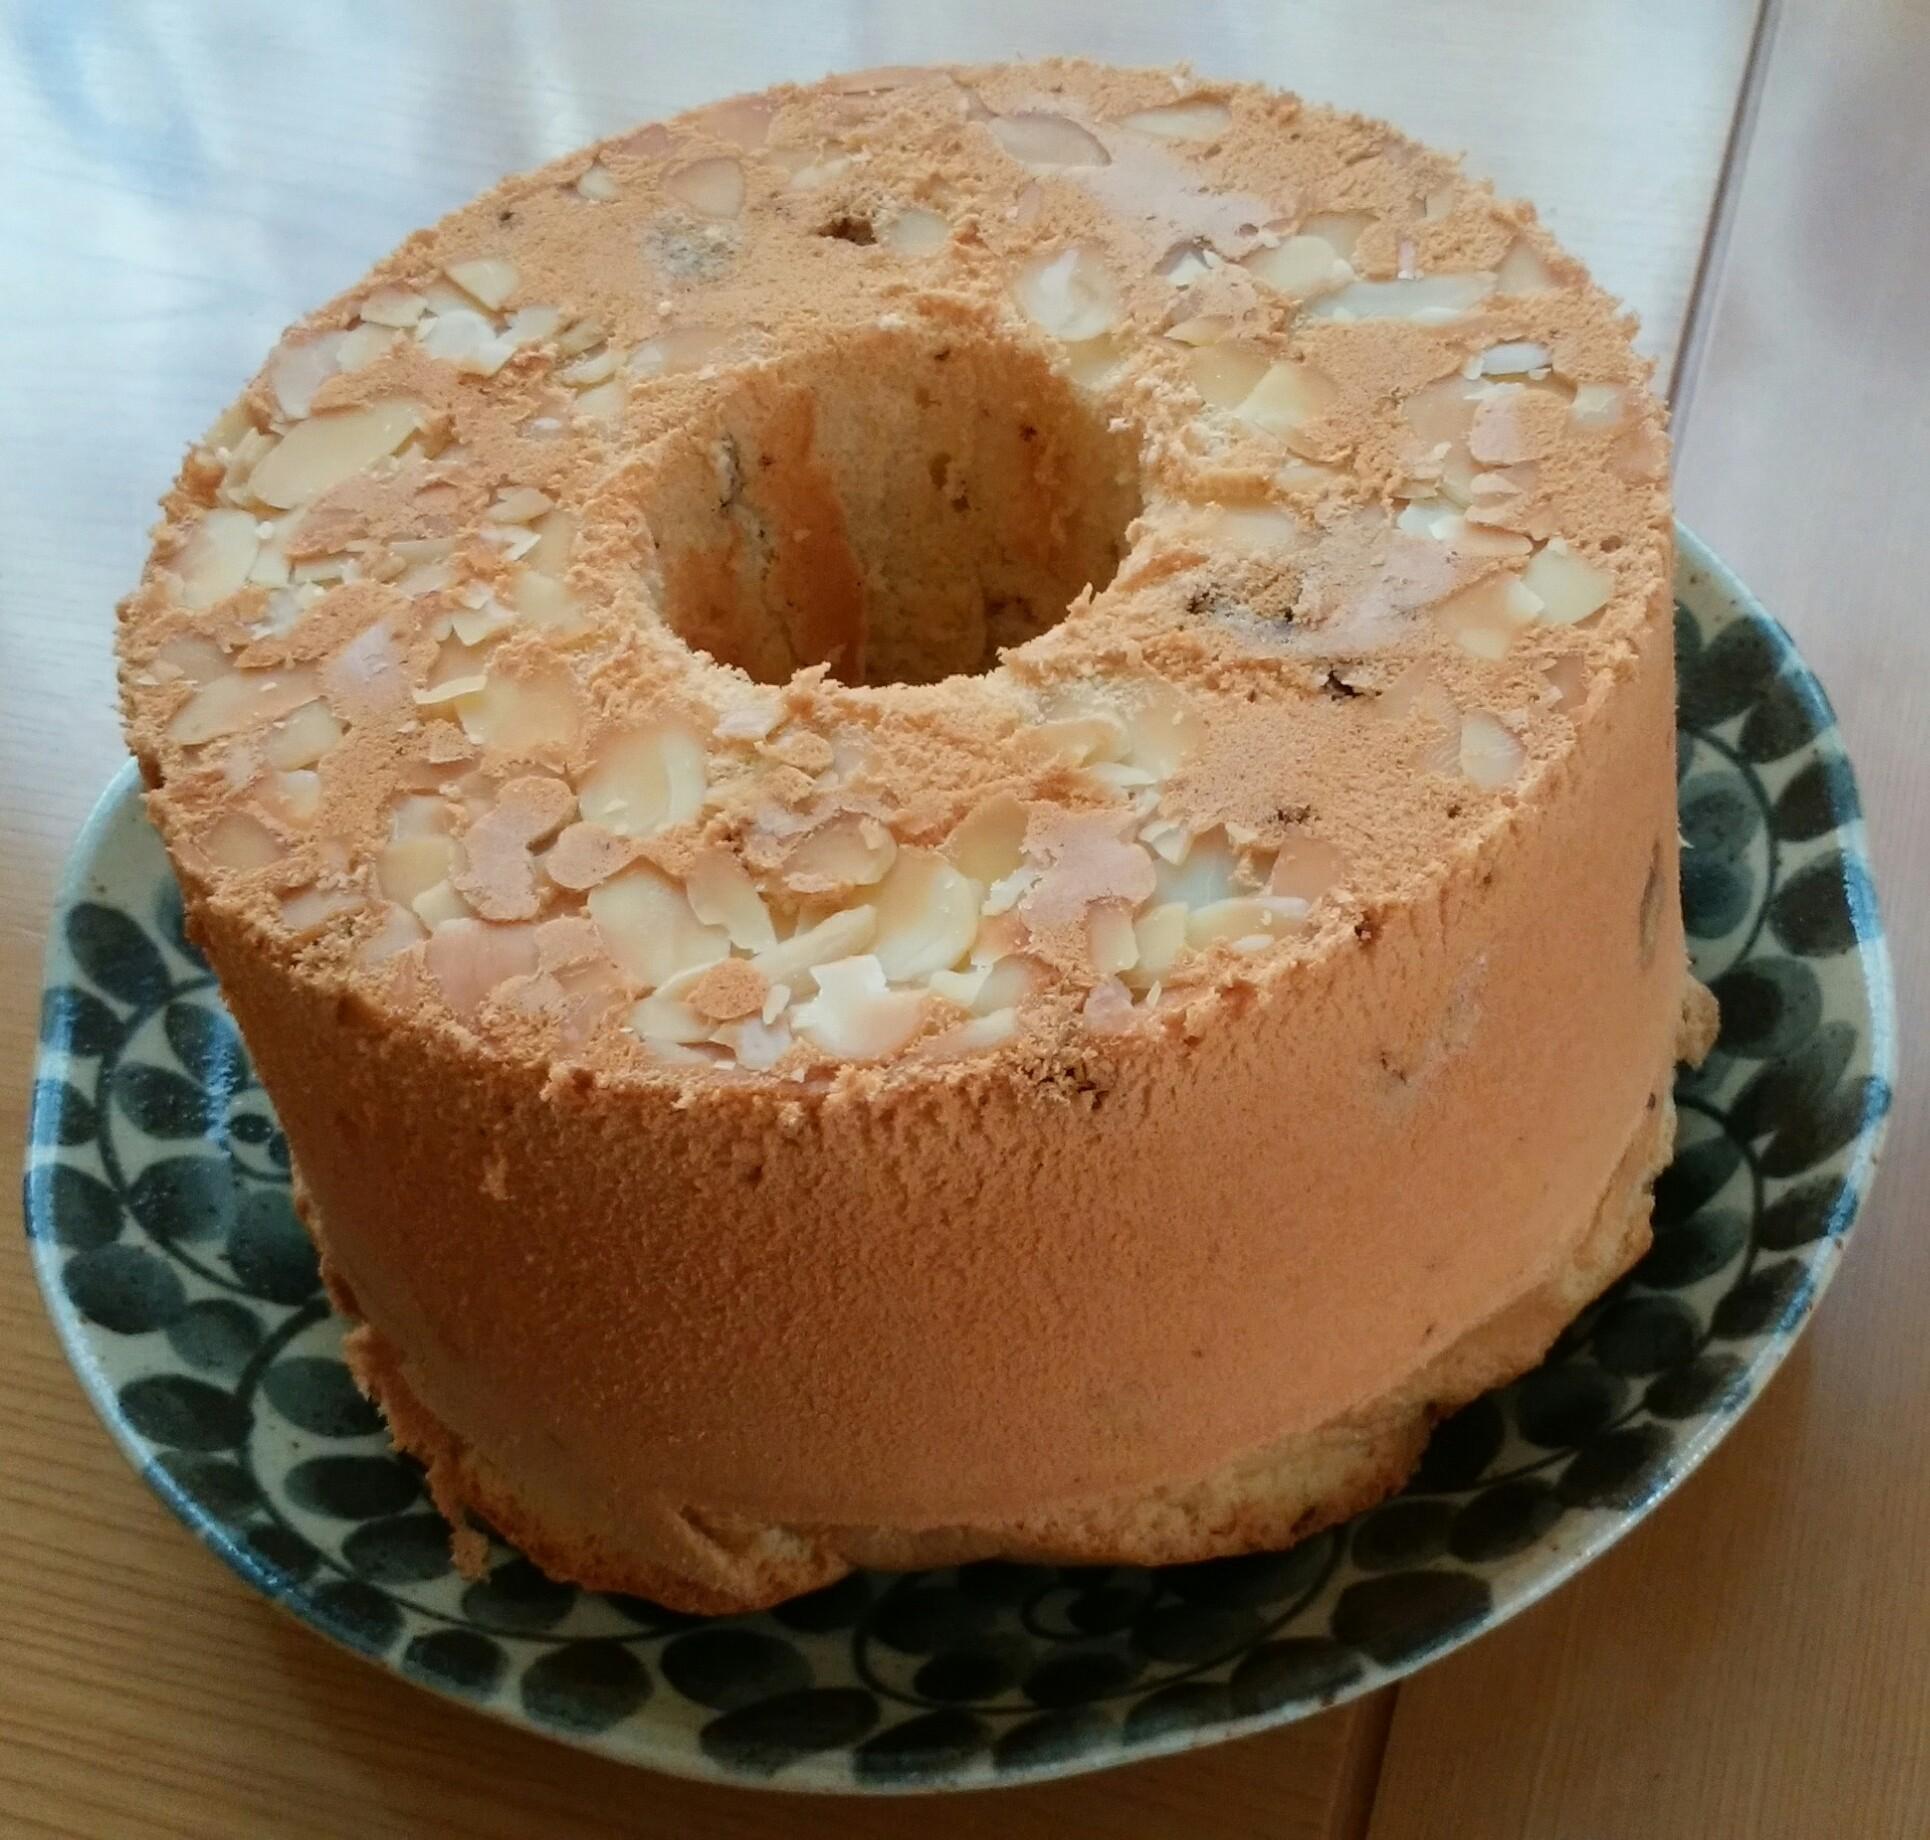 二回目のチョコチップシフォンケーキを作りました